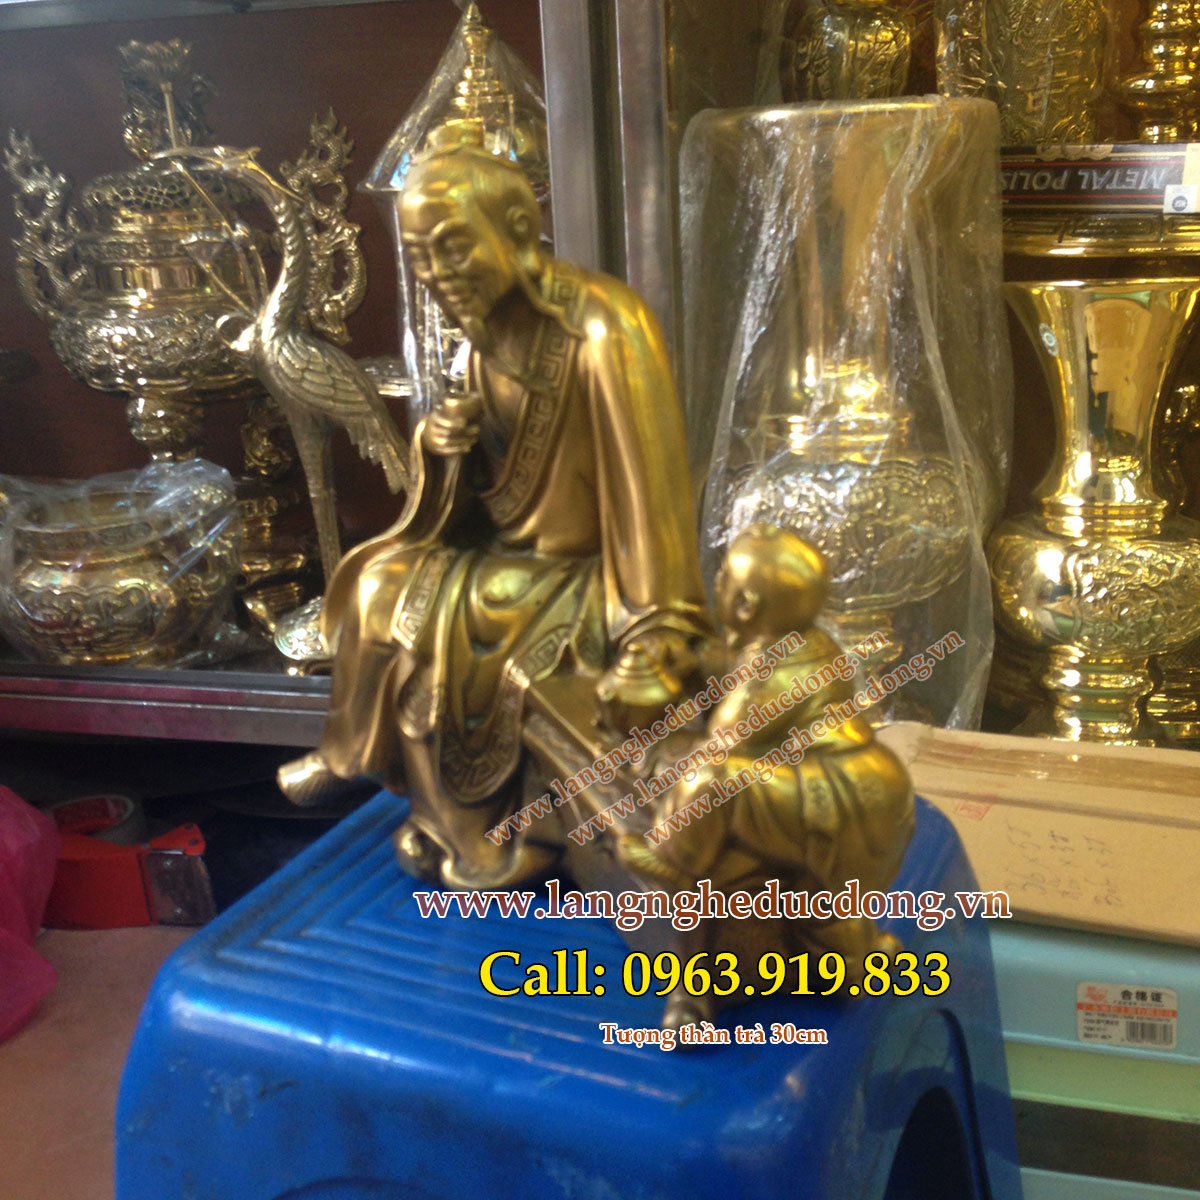 langngheducdong.vn - Tượng thần trà, tượng thần trà bằng đồng cao 30cm, tượng đồng